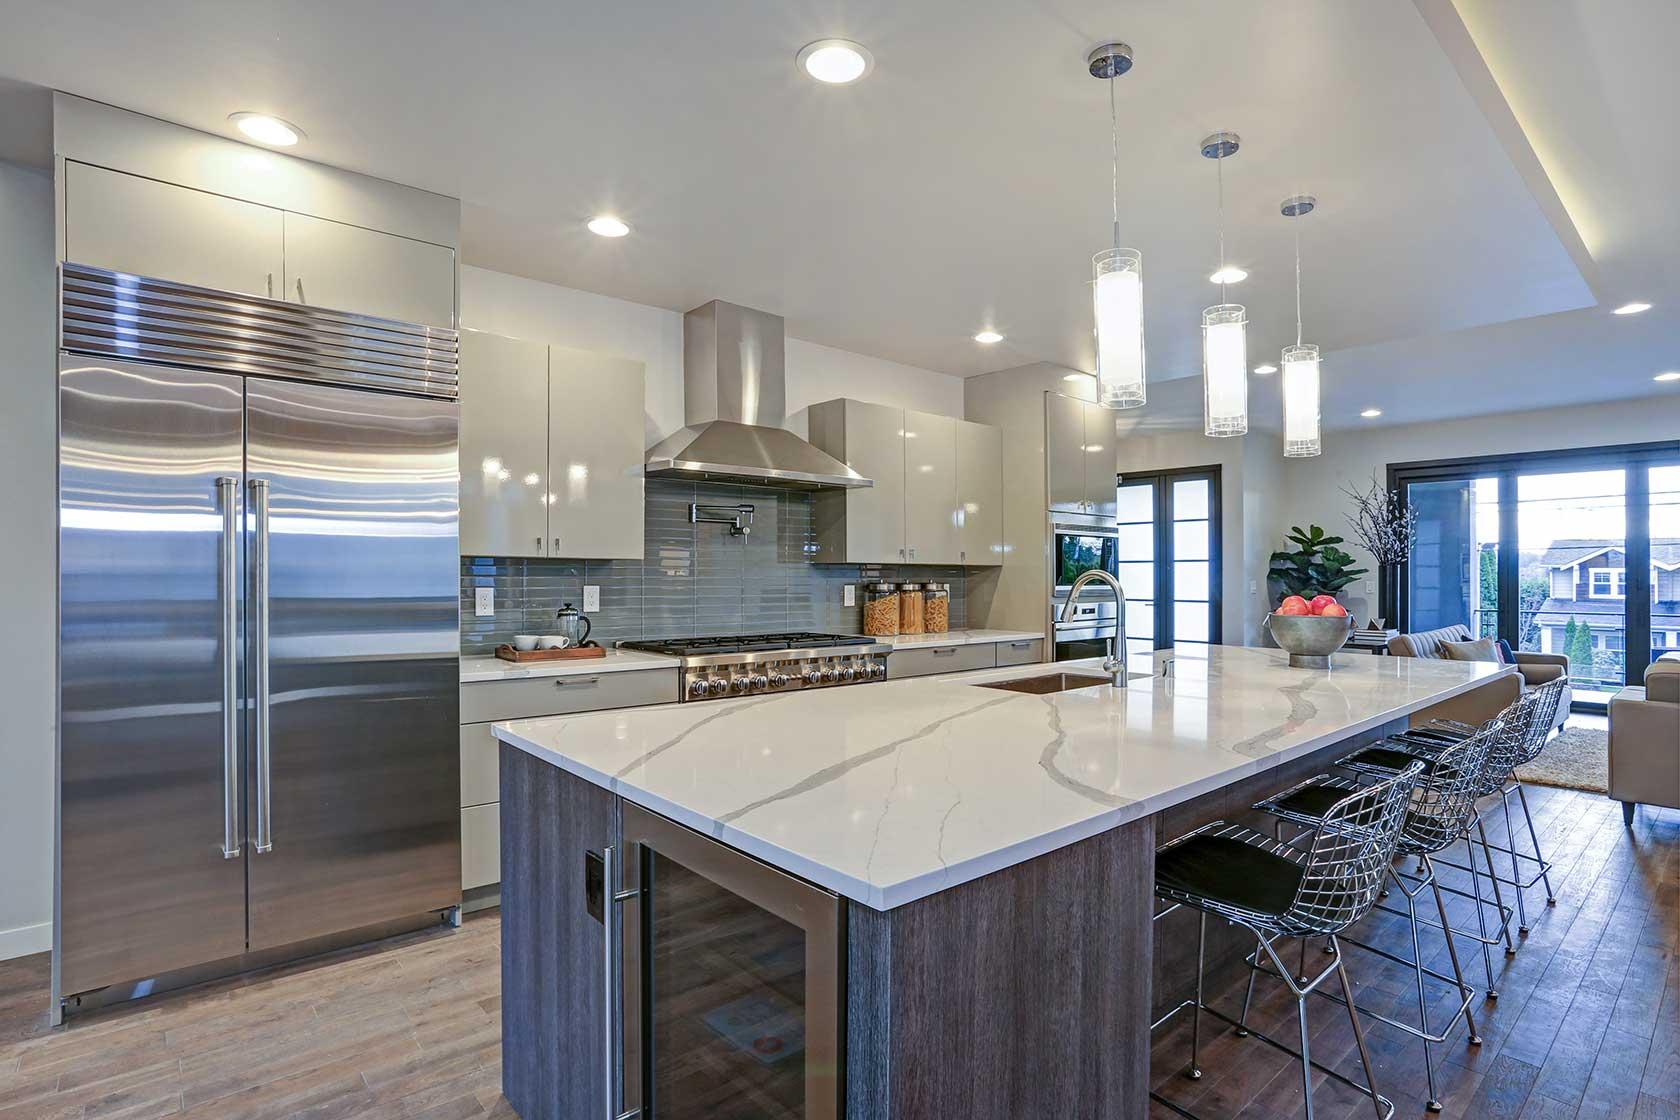 Luxury Kitchen Space